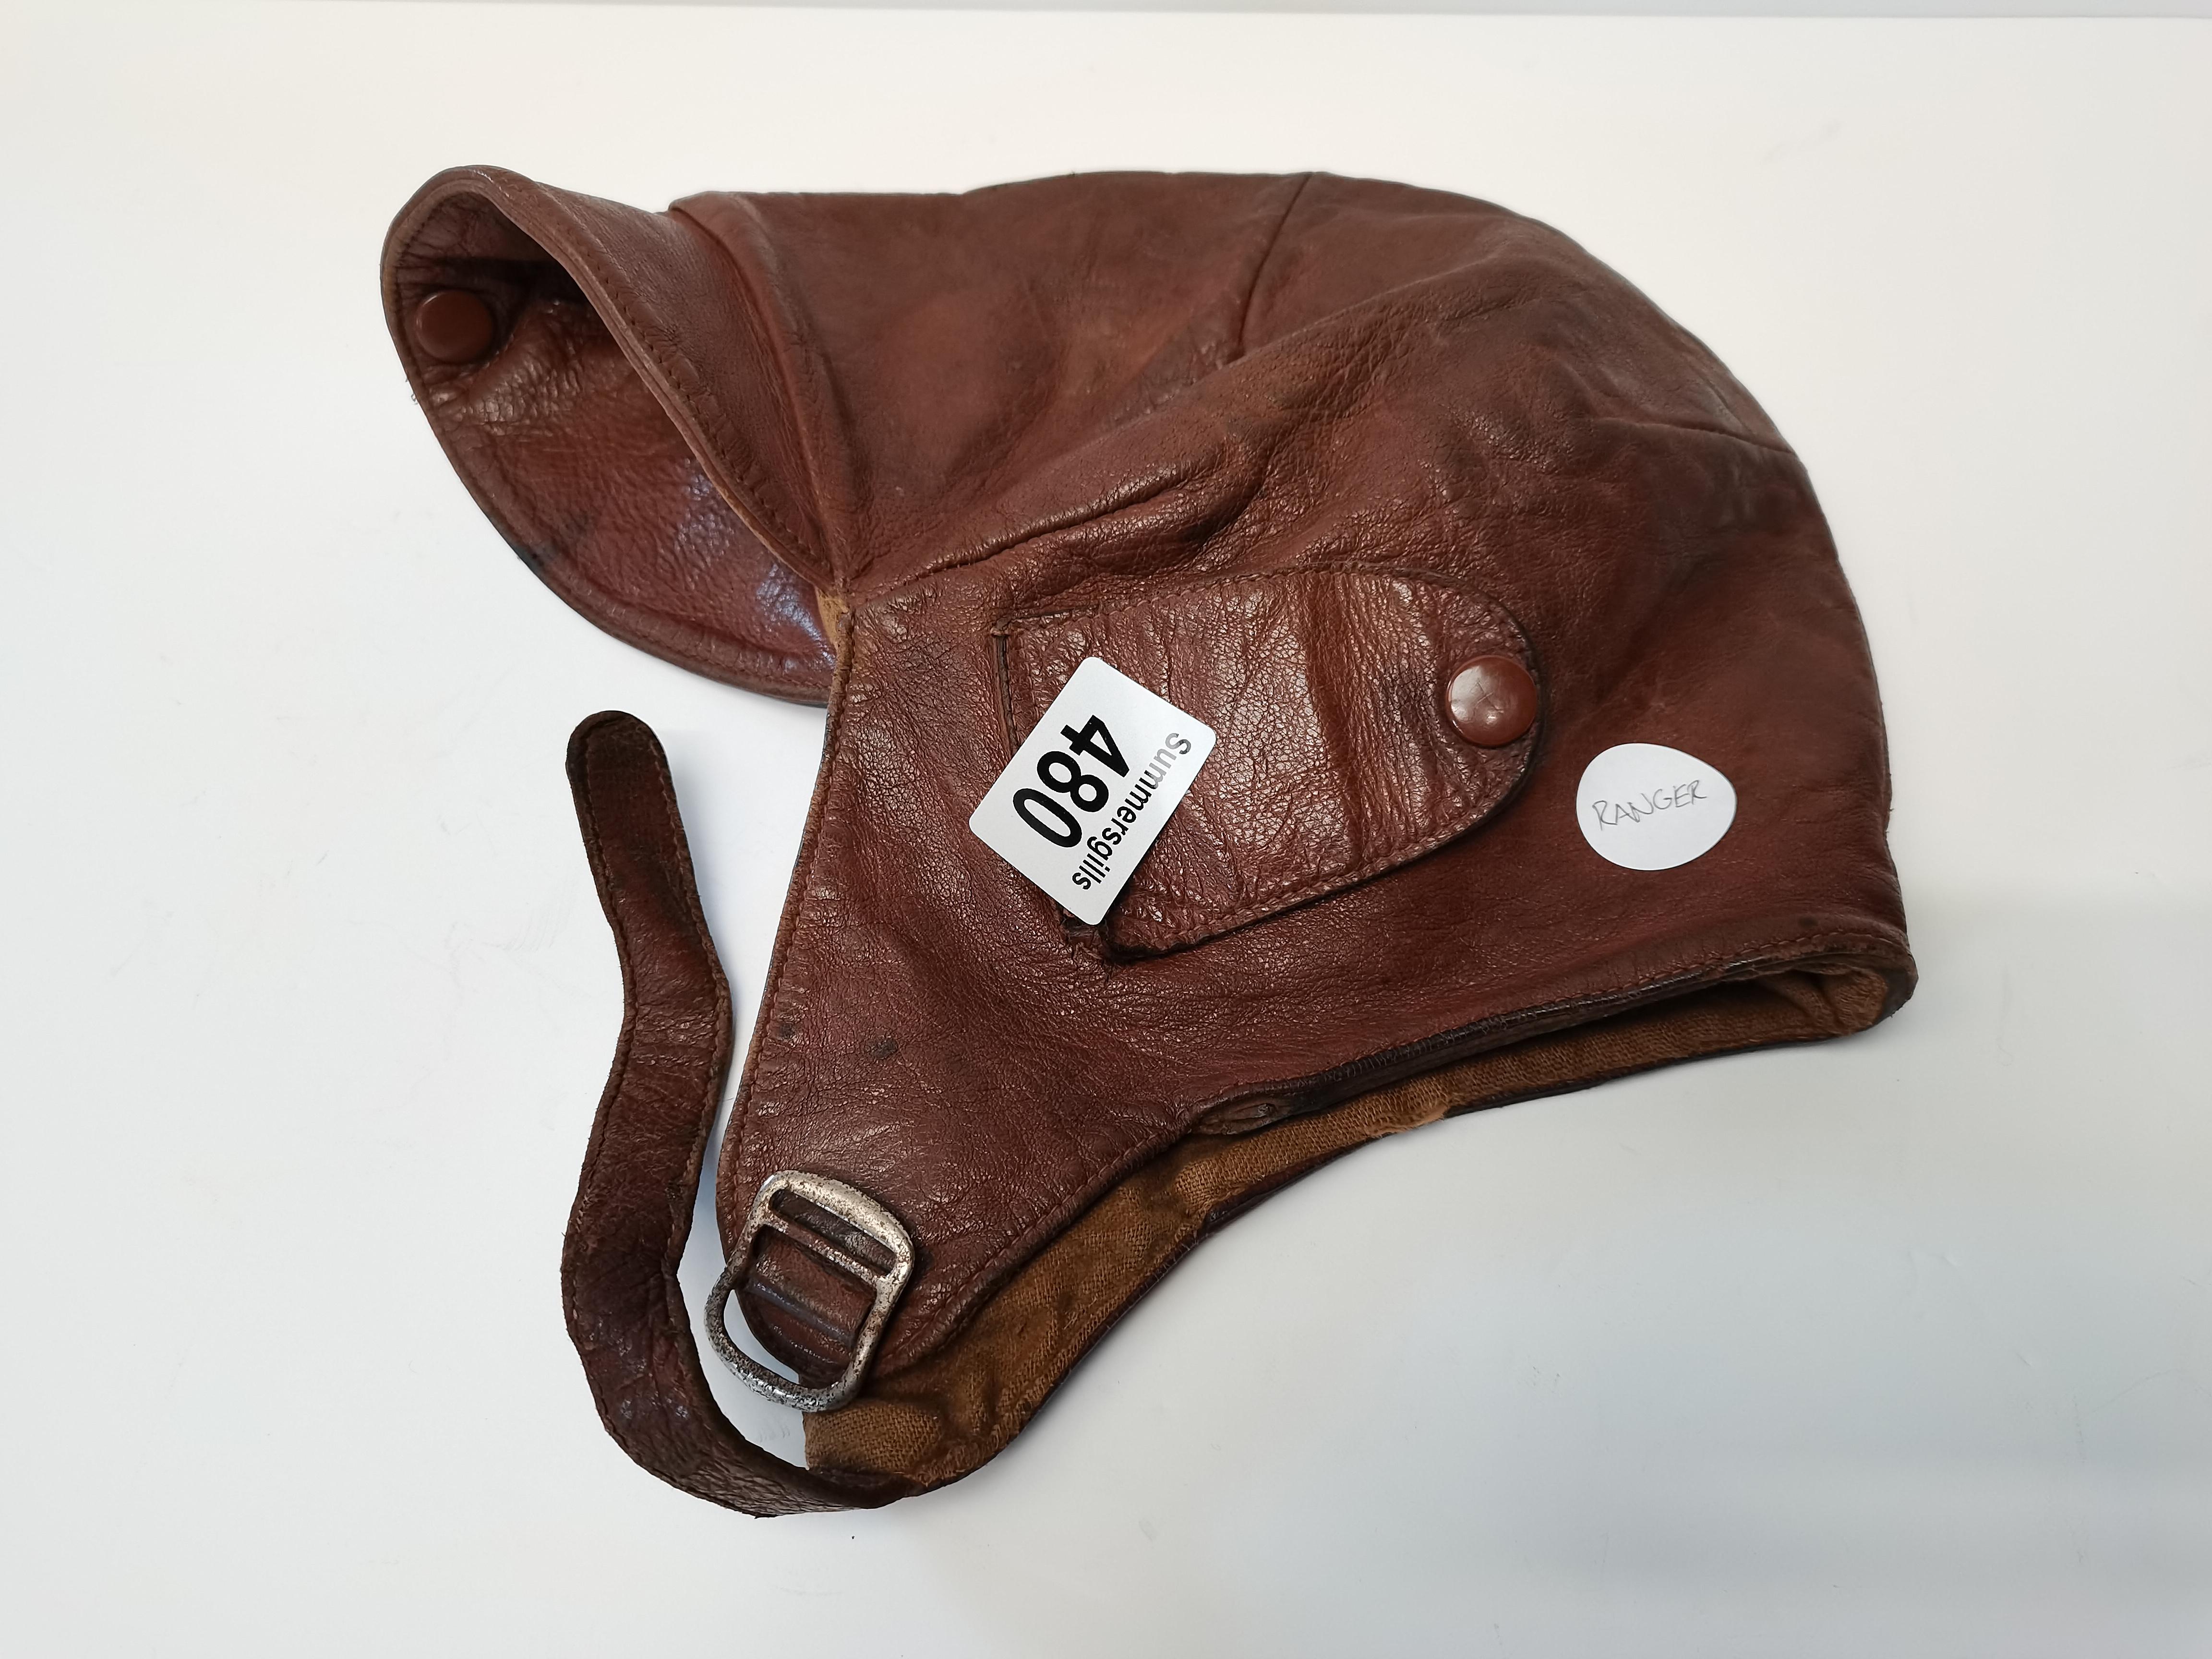 Vintage original flying helmet